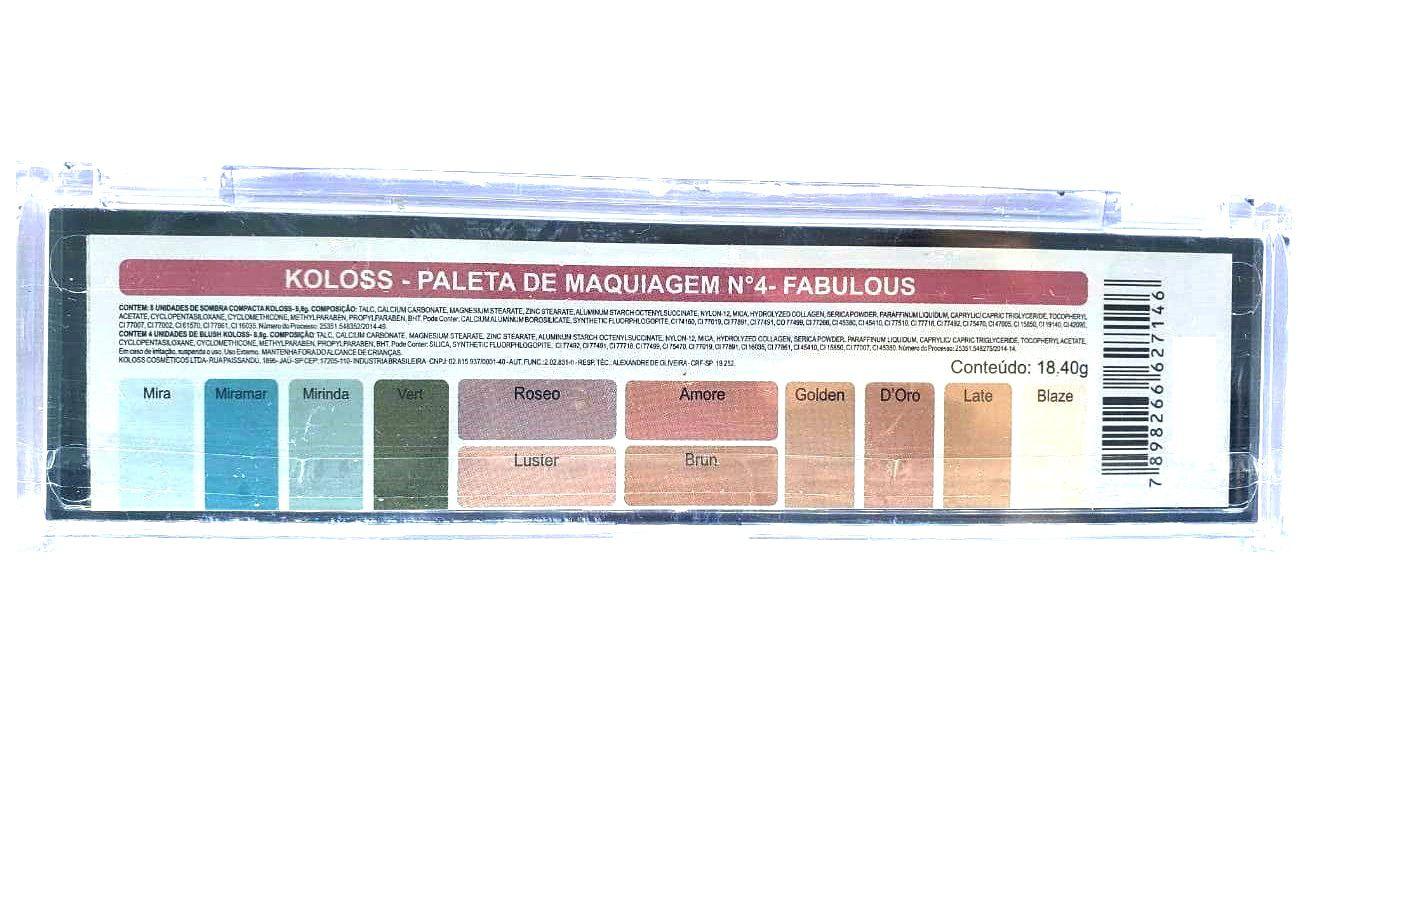 Paleta de sombras Nº4 Fabulous Koloss